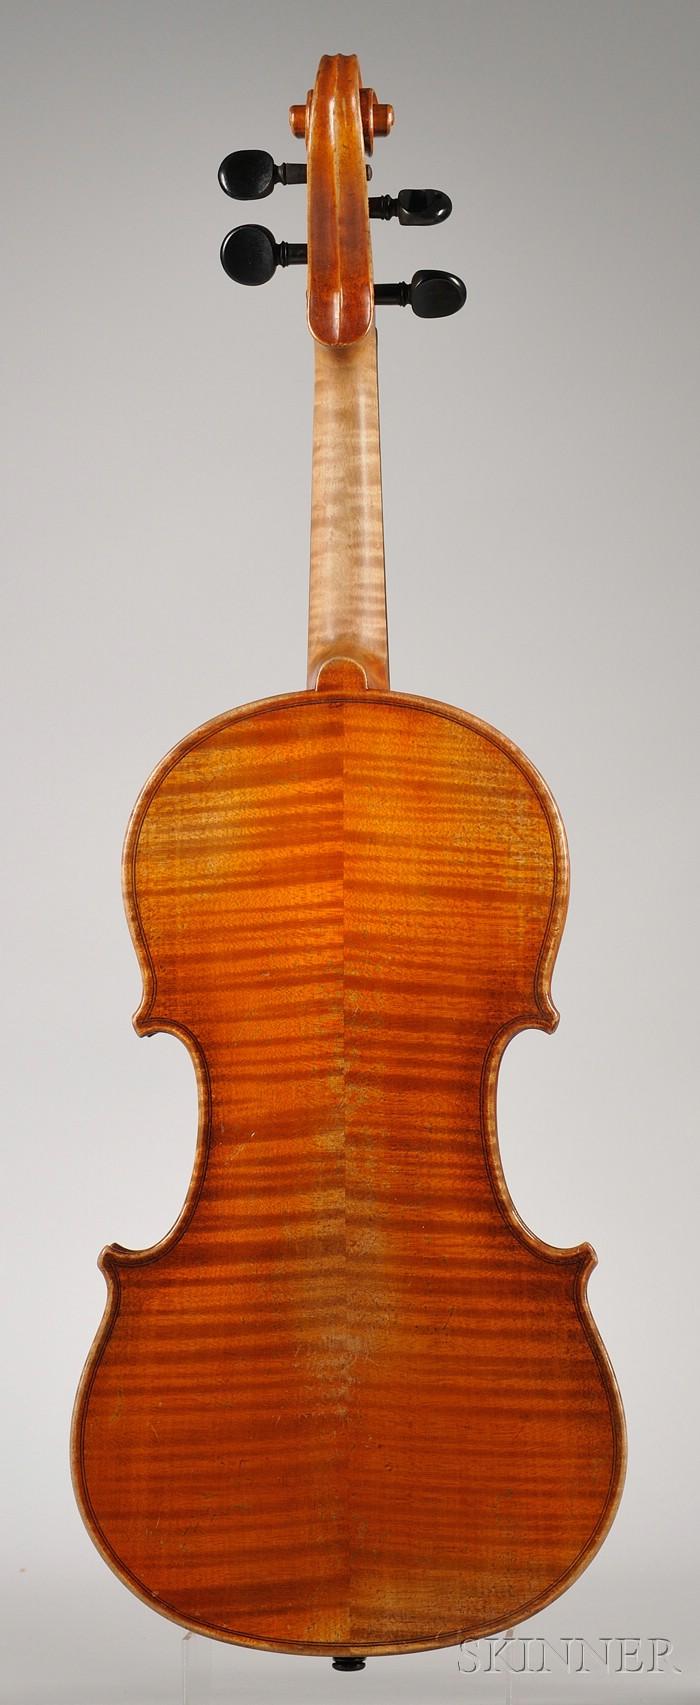 Markneukirchen Violin, 1923